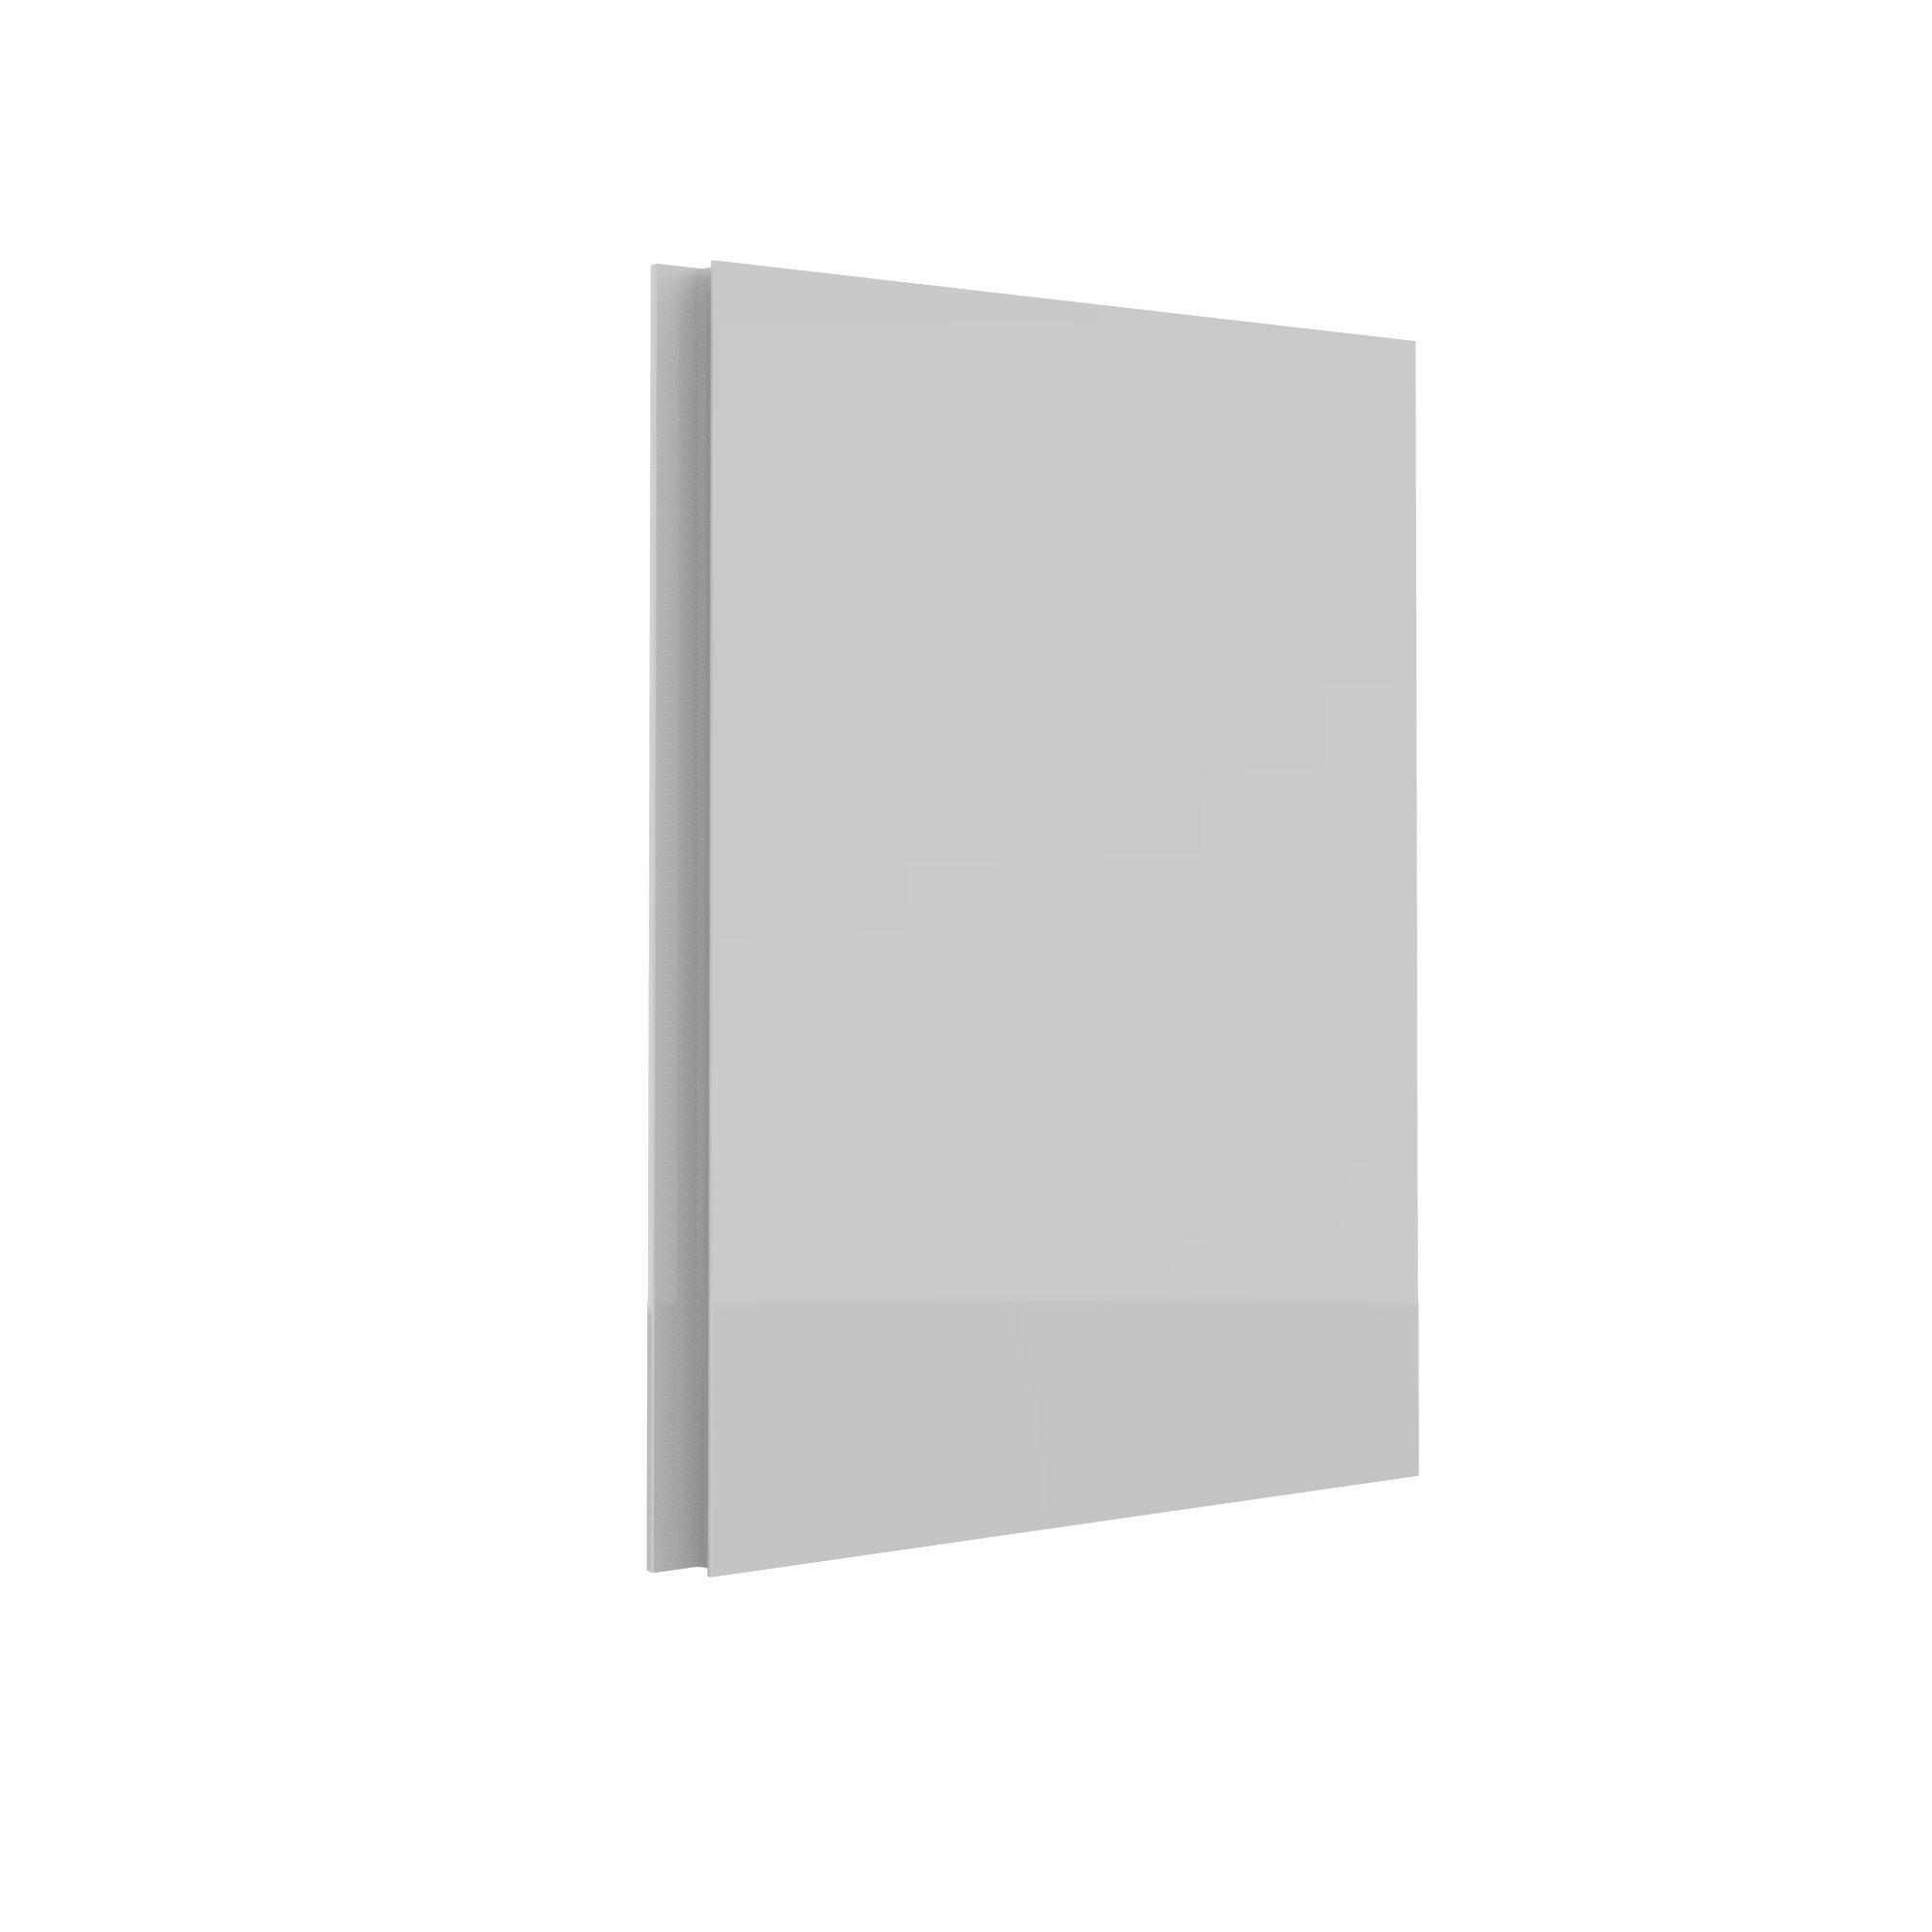 Darwin Modular White & Gloss Bedside Cabinet Door (h)478mm (w)372mm (d)16mm